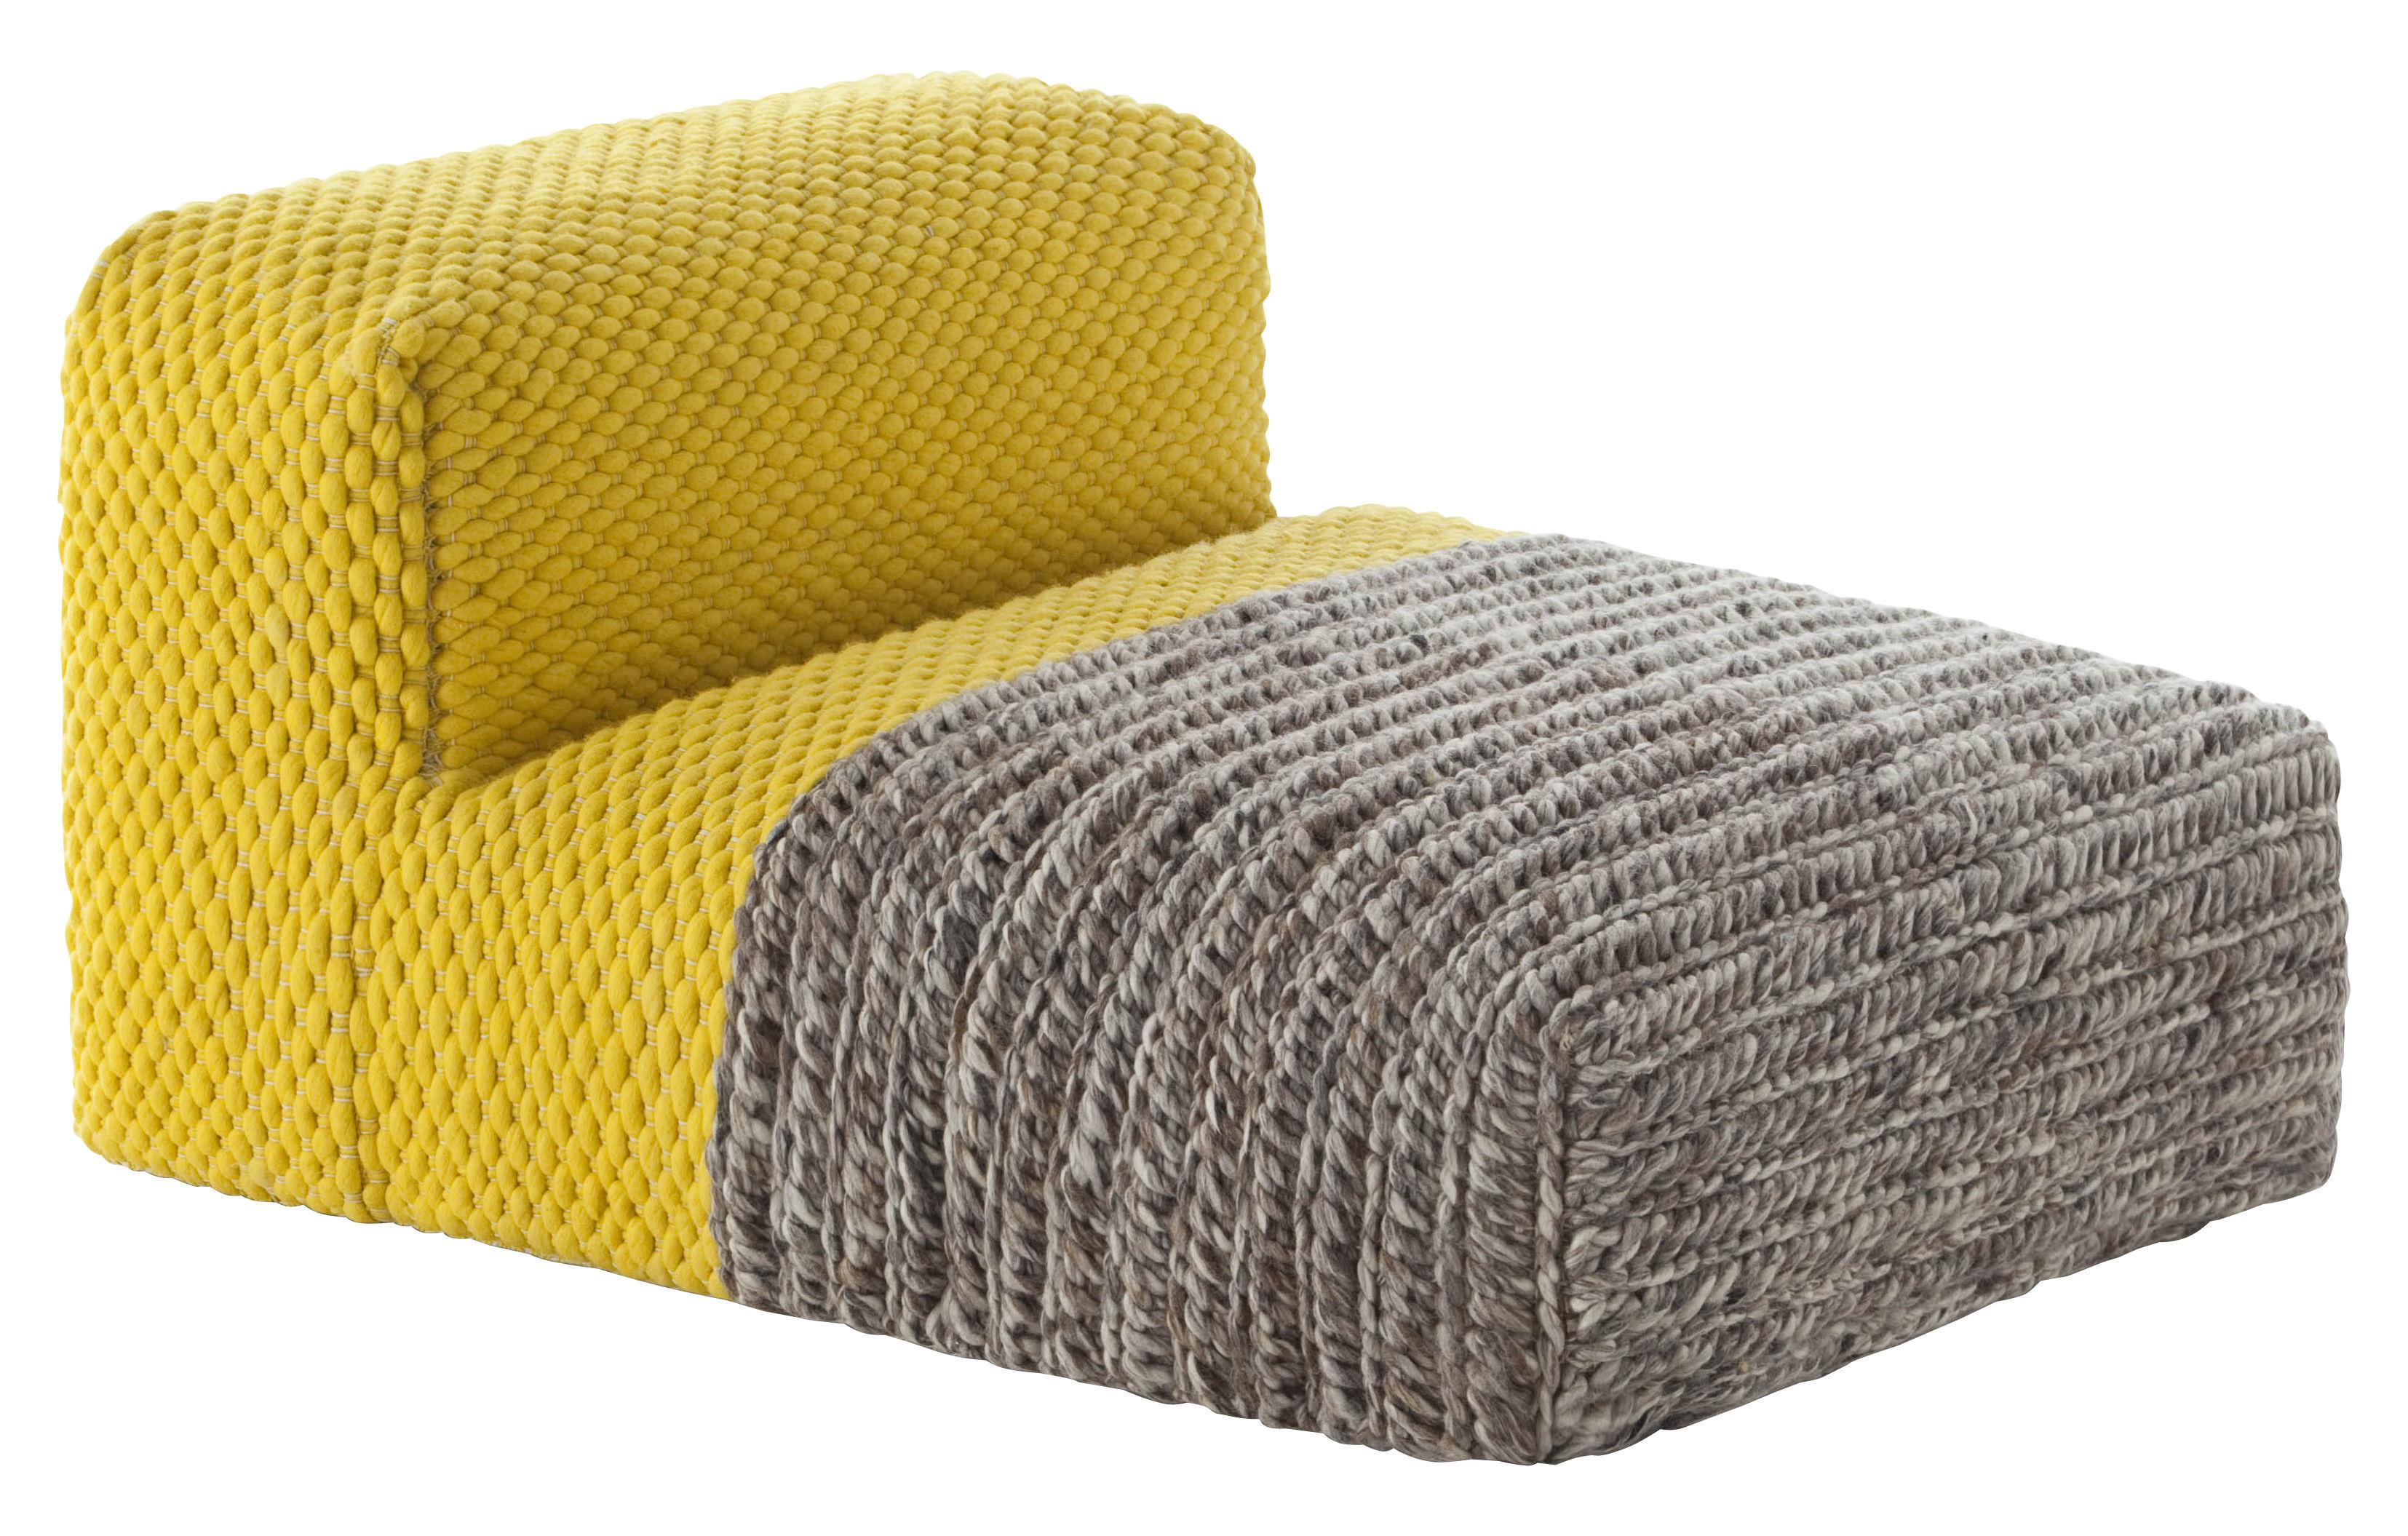 chauffeuse mangas space plait l 120 cm jaune gan. Black Bedroom Furniture Sets. Home Design Ideas